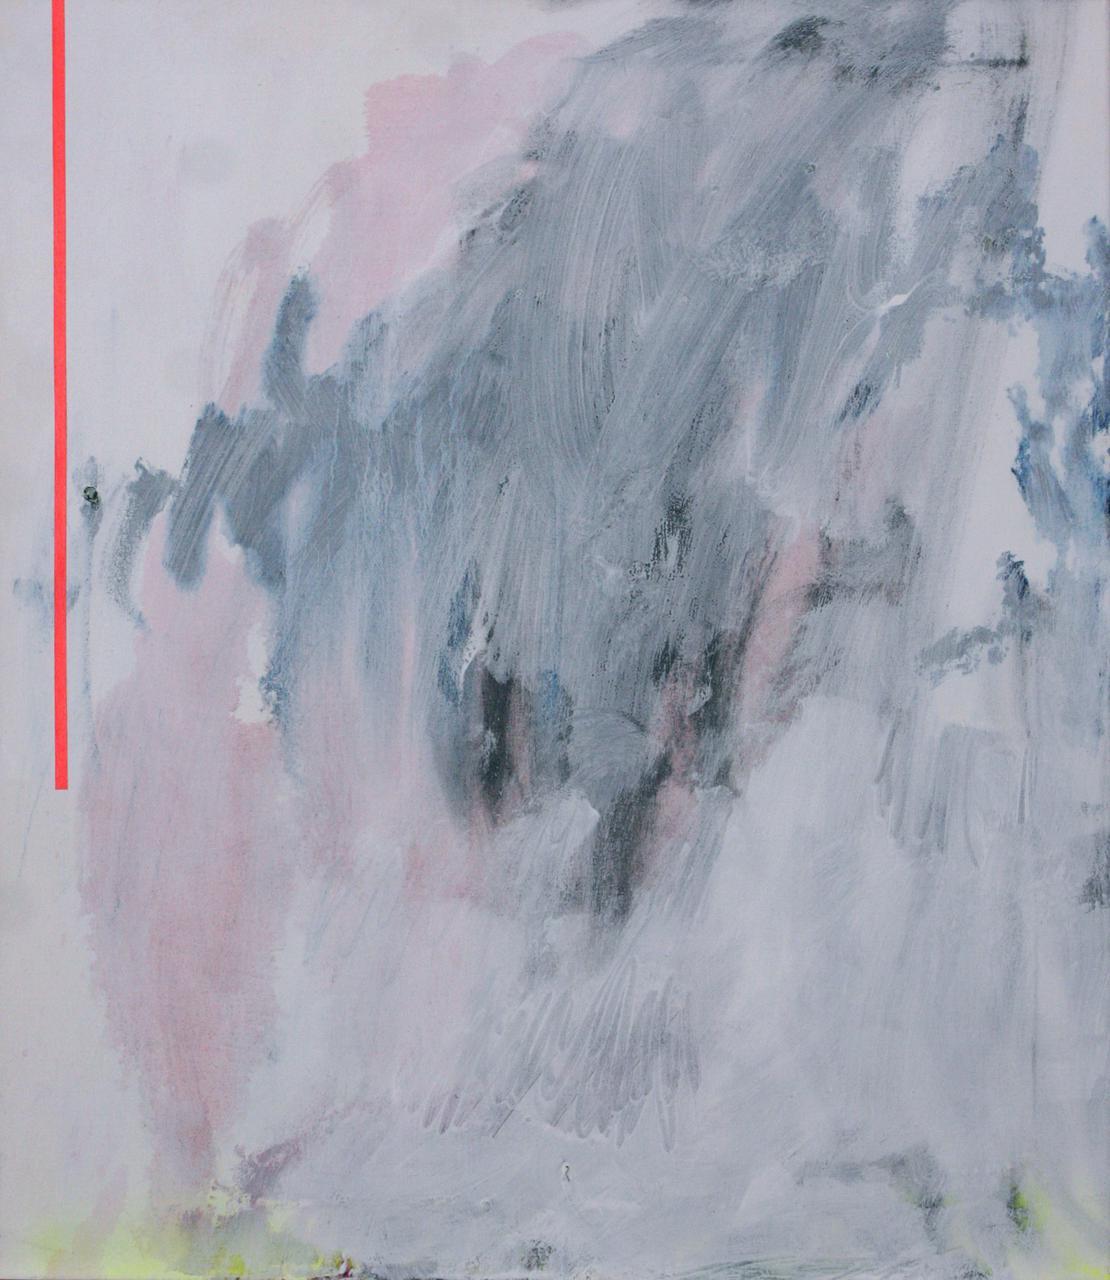 Άτιτλο (Symphonies series II), 2013, λάδι και ακρυλικό σε καμβά, 70Χ60 εκ.